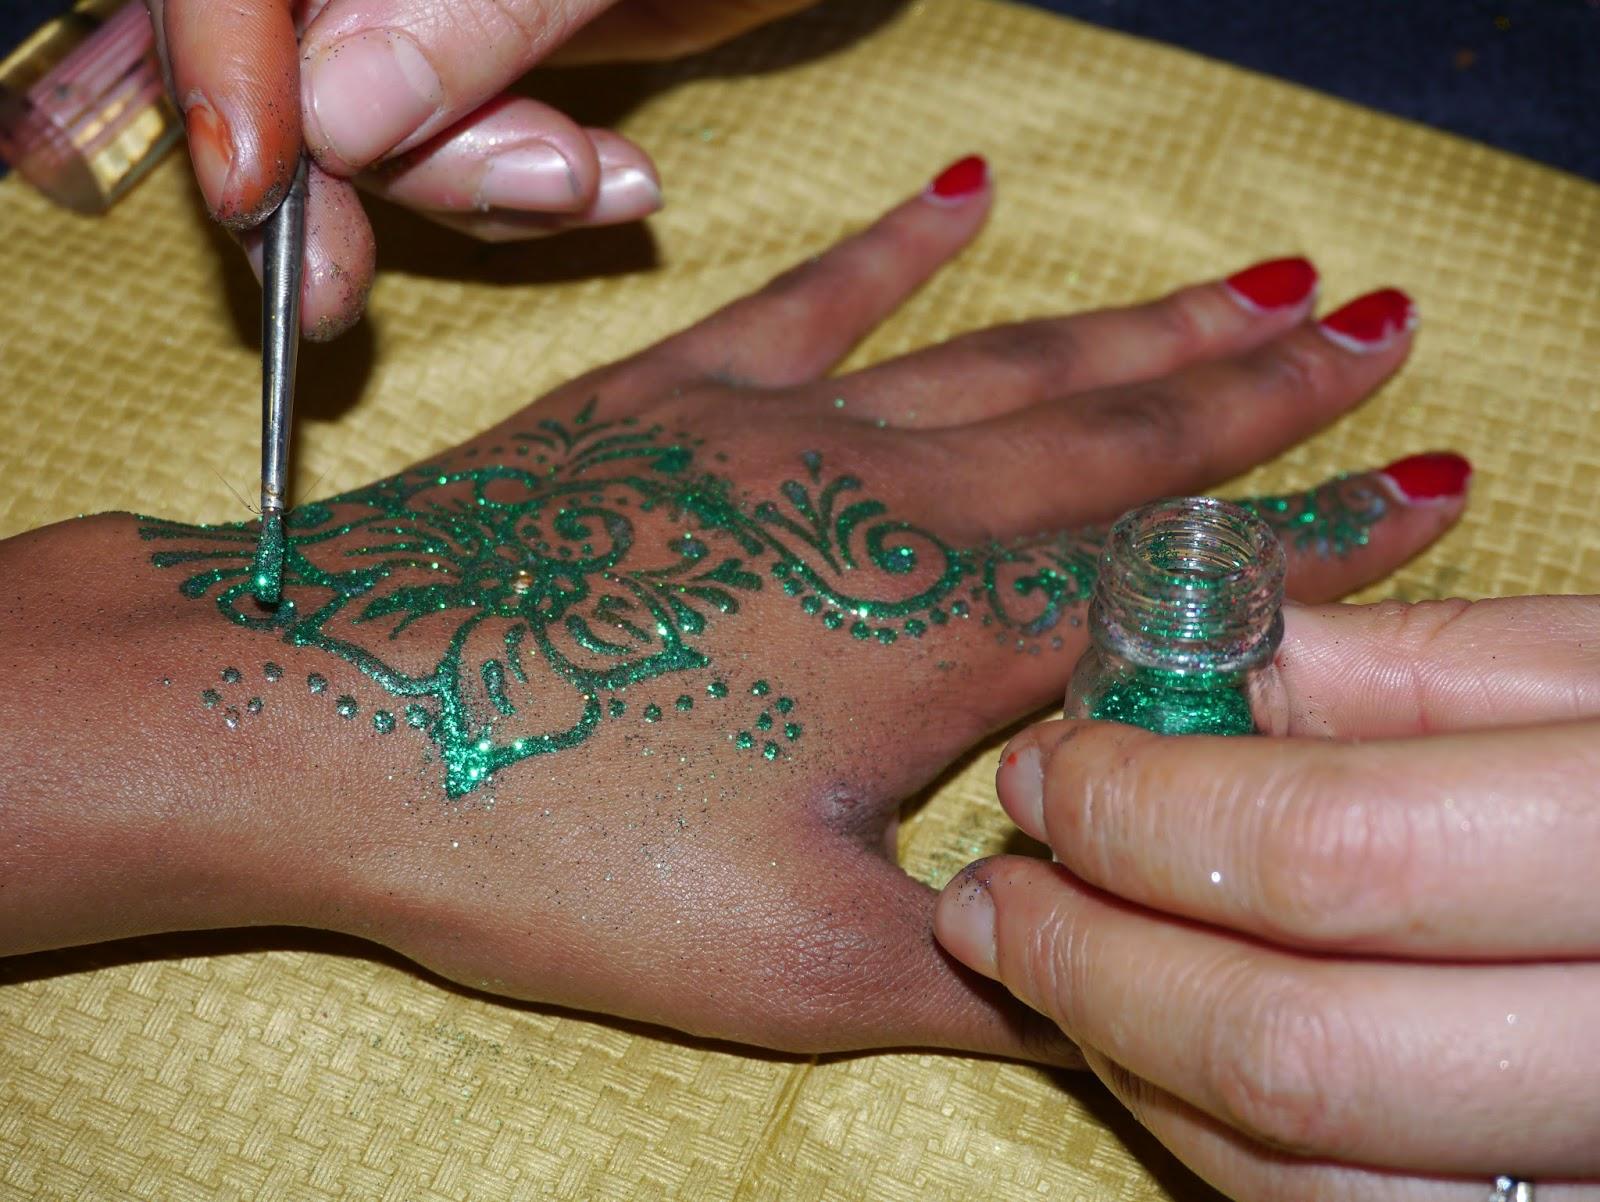 tatouage ephemere paillette - Tatouage éphémère pailleté Tatouage Paillettes Fr tattoo